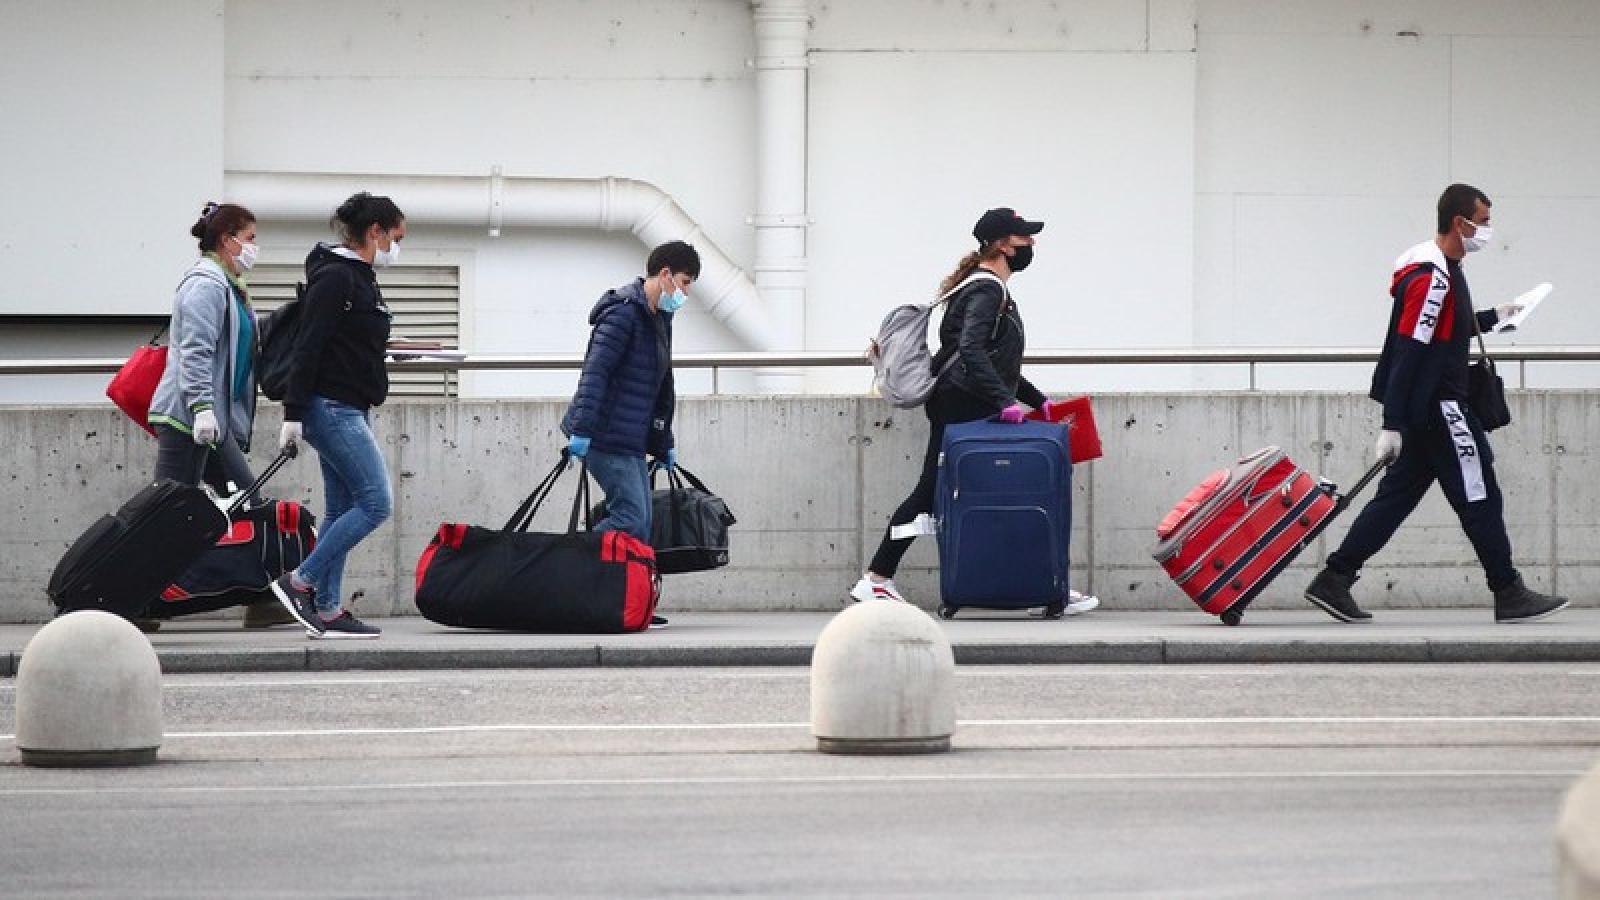 Sân bay Vienna cung cấp xét nghiệm Covid-19 tại chỗ cho du khách